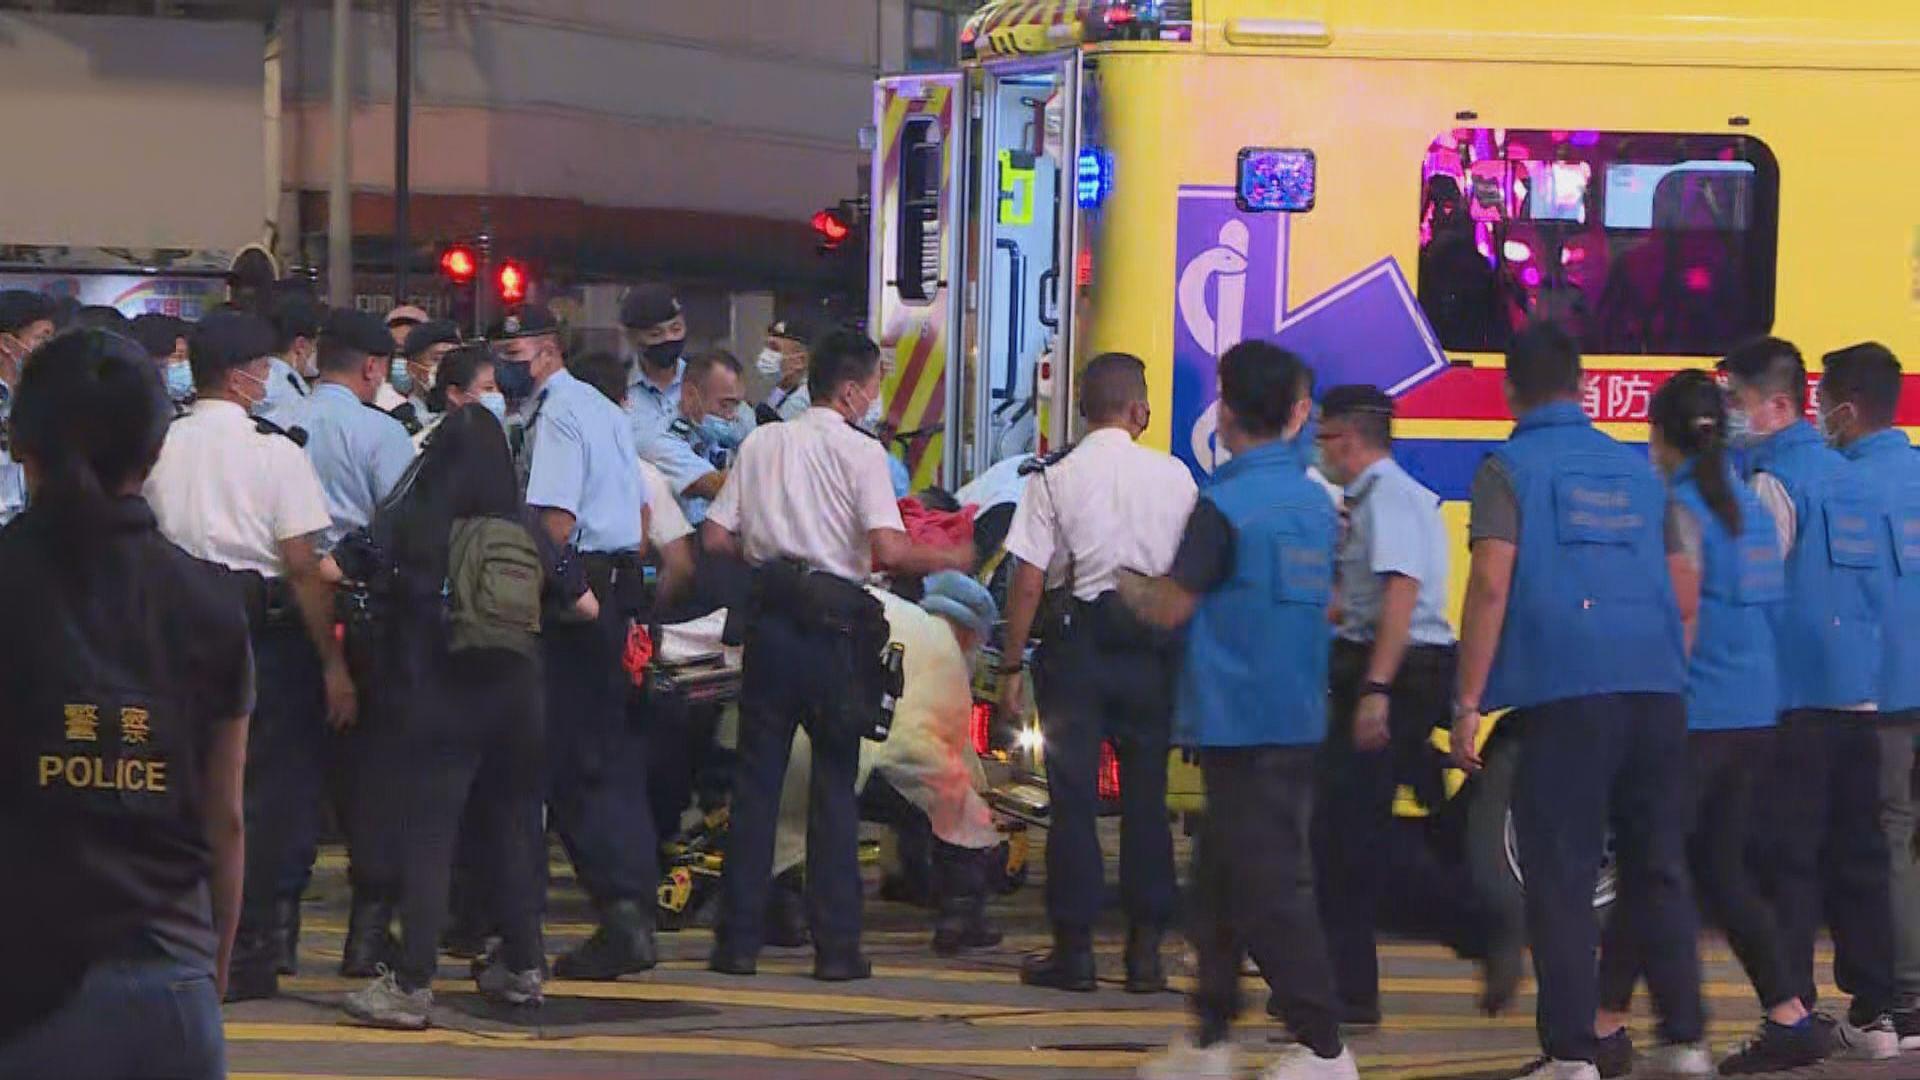 七一襲警案列企圖謀殺及自殺 警方仍調查疑兇犯案動機